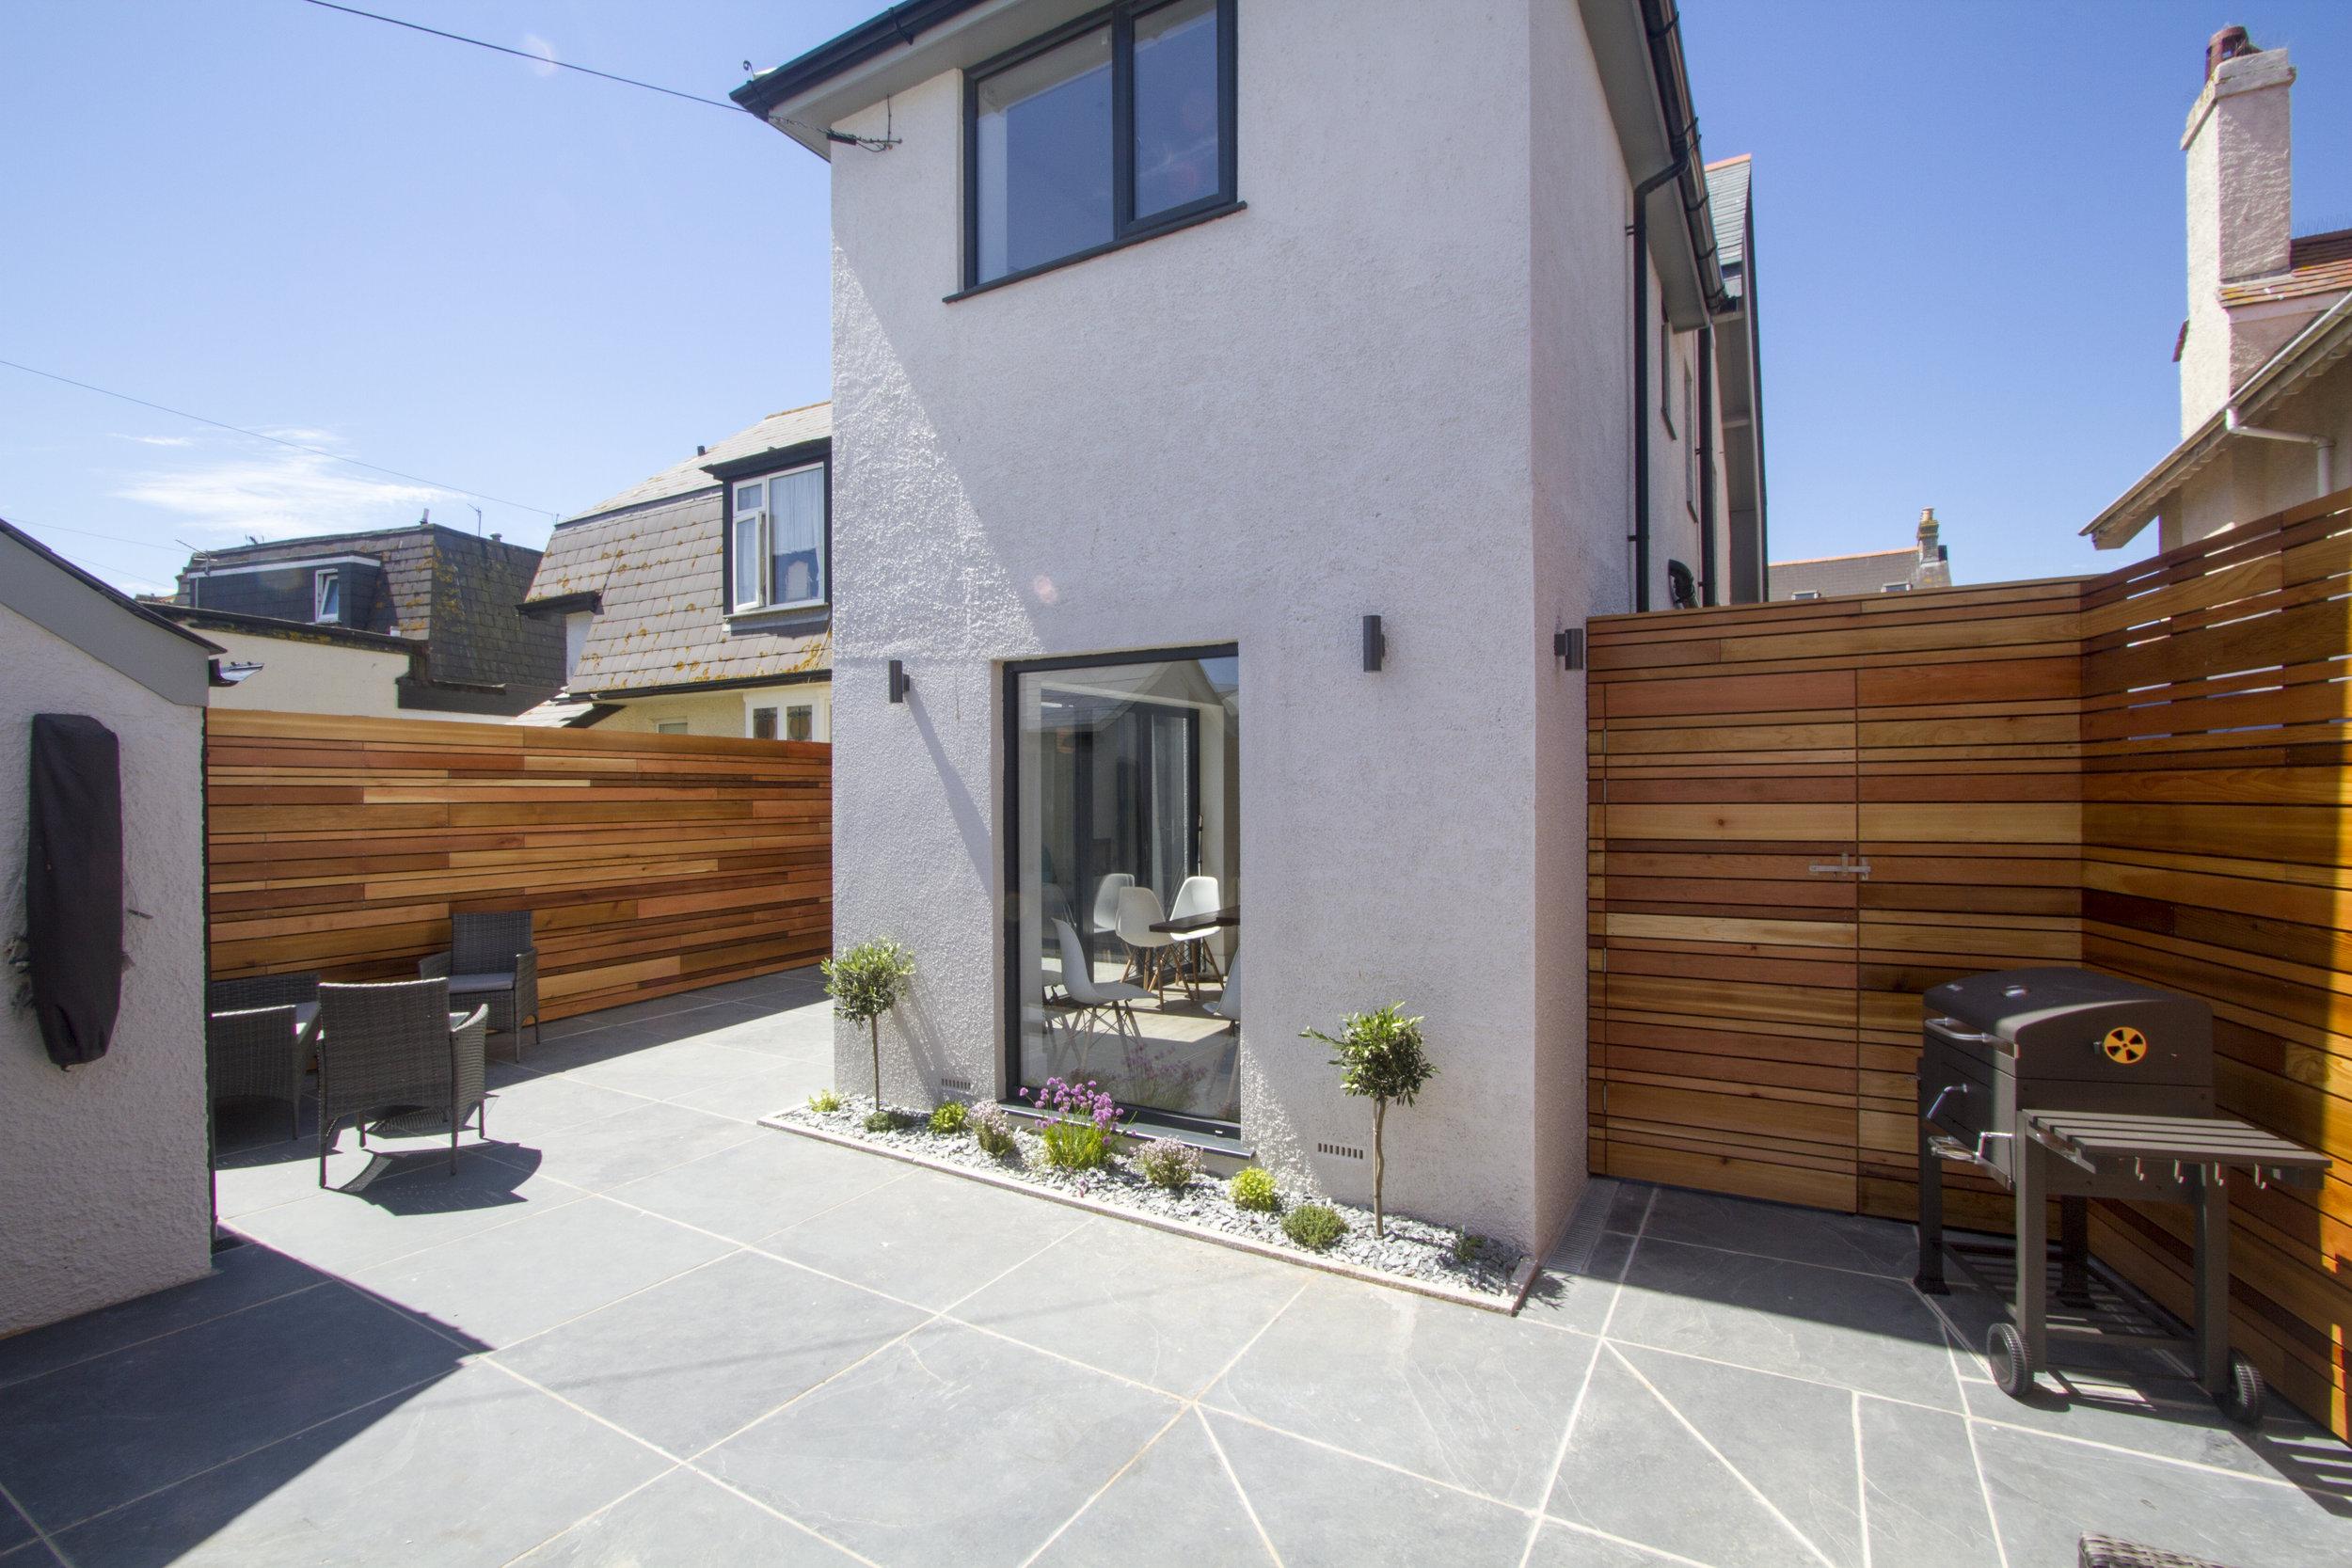 Courtyard+1.jpg